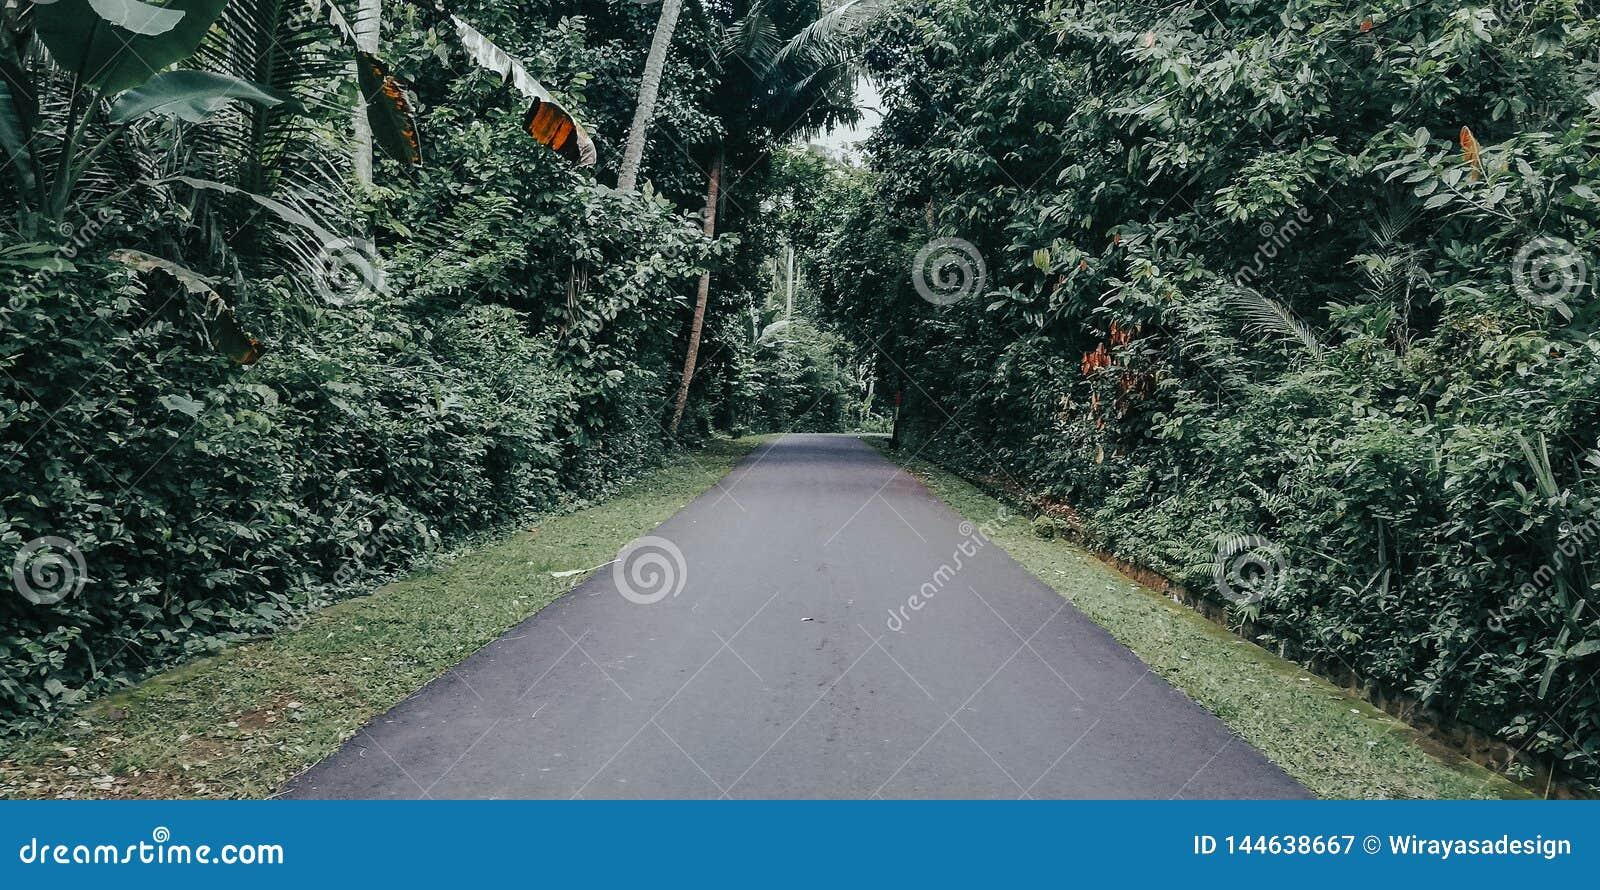 Beelden van landelijke aard, met bossen op het recht en weggegaan, beelden van wegen in het dorp, met groene aard